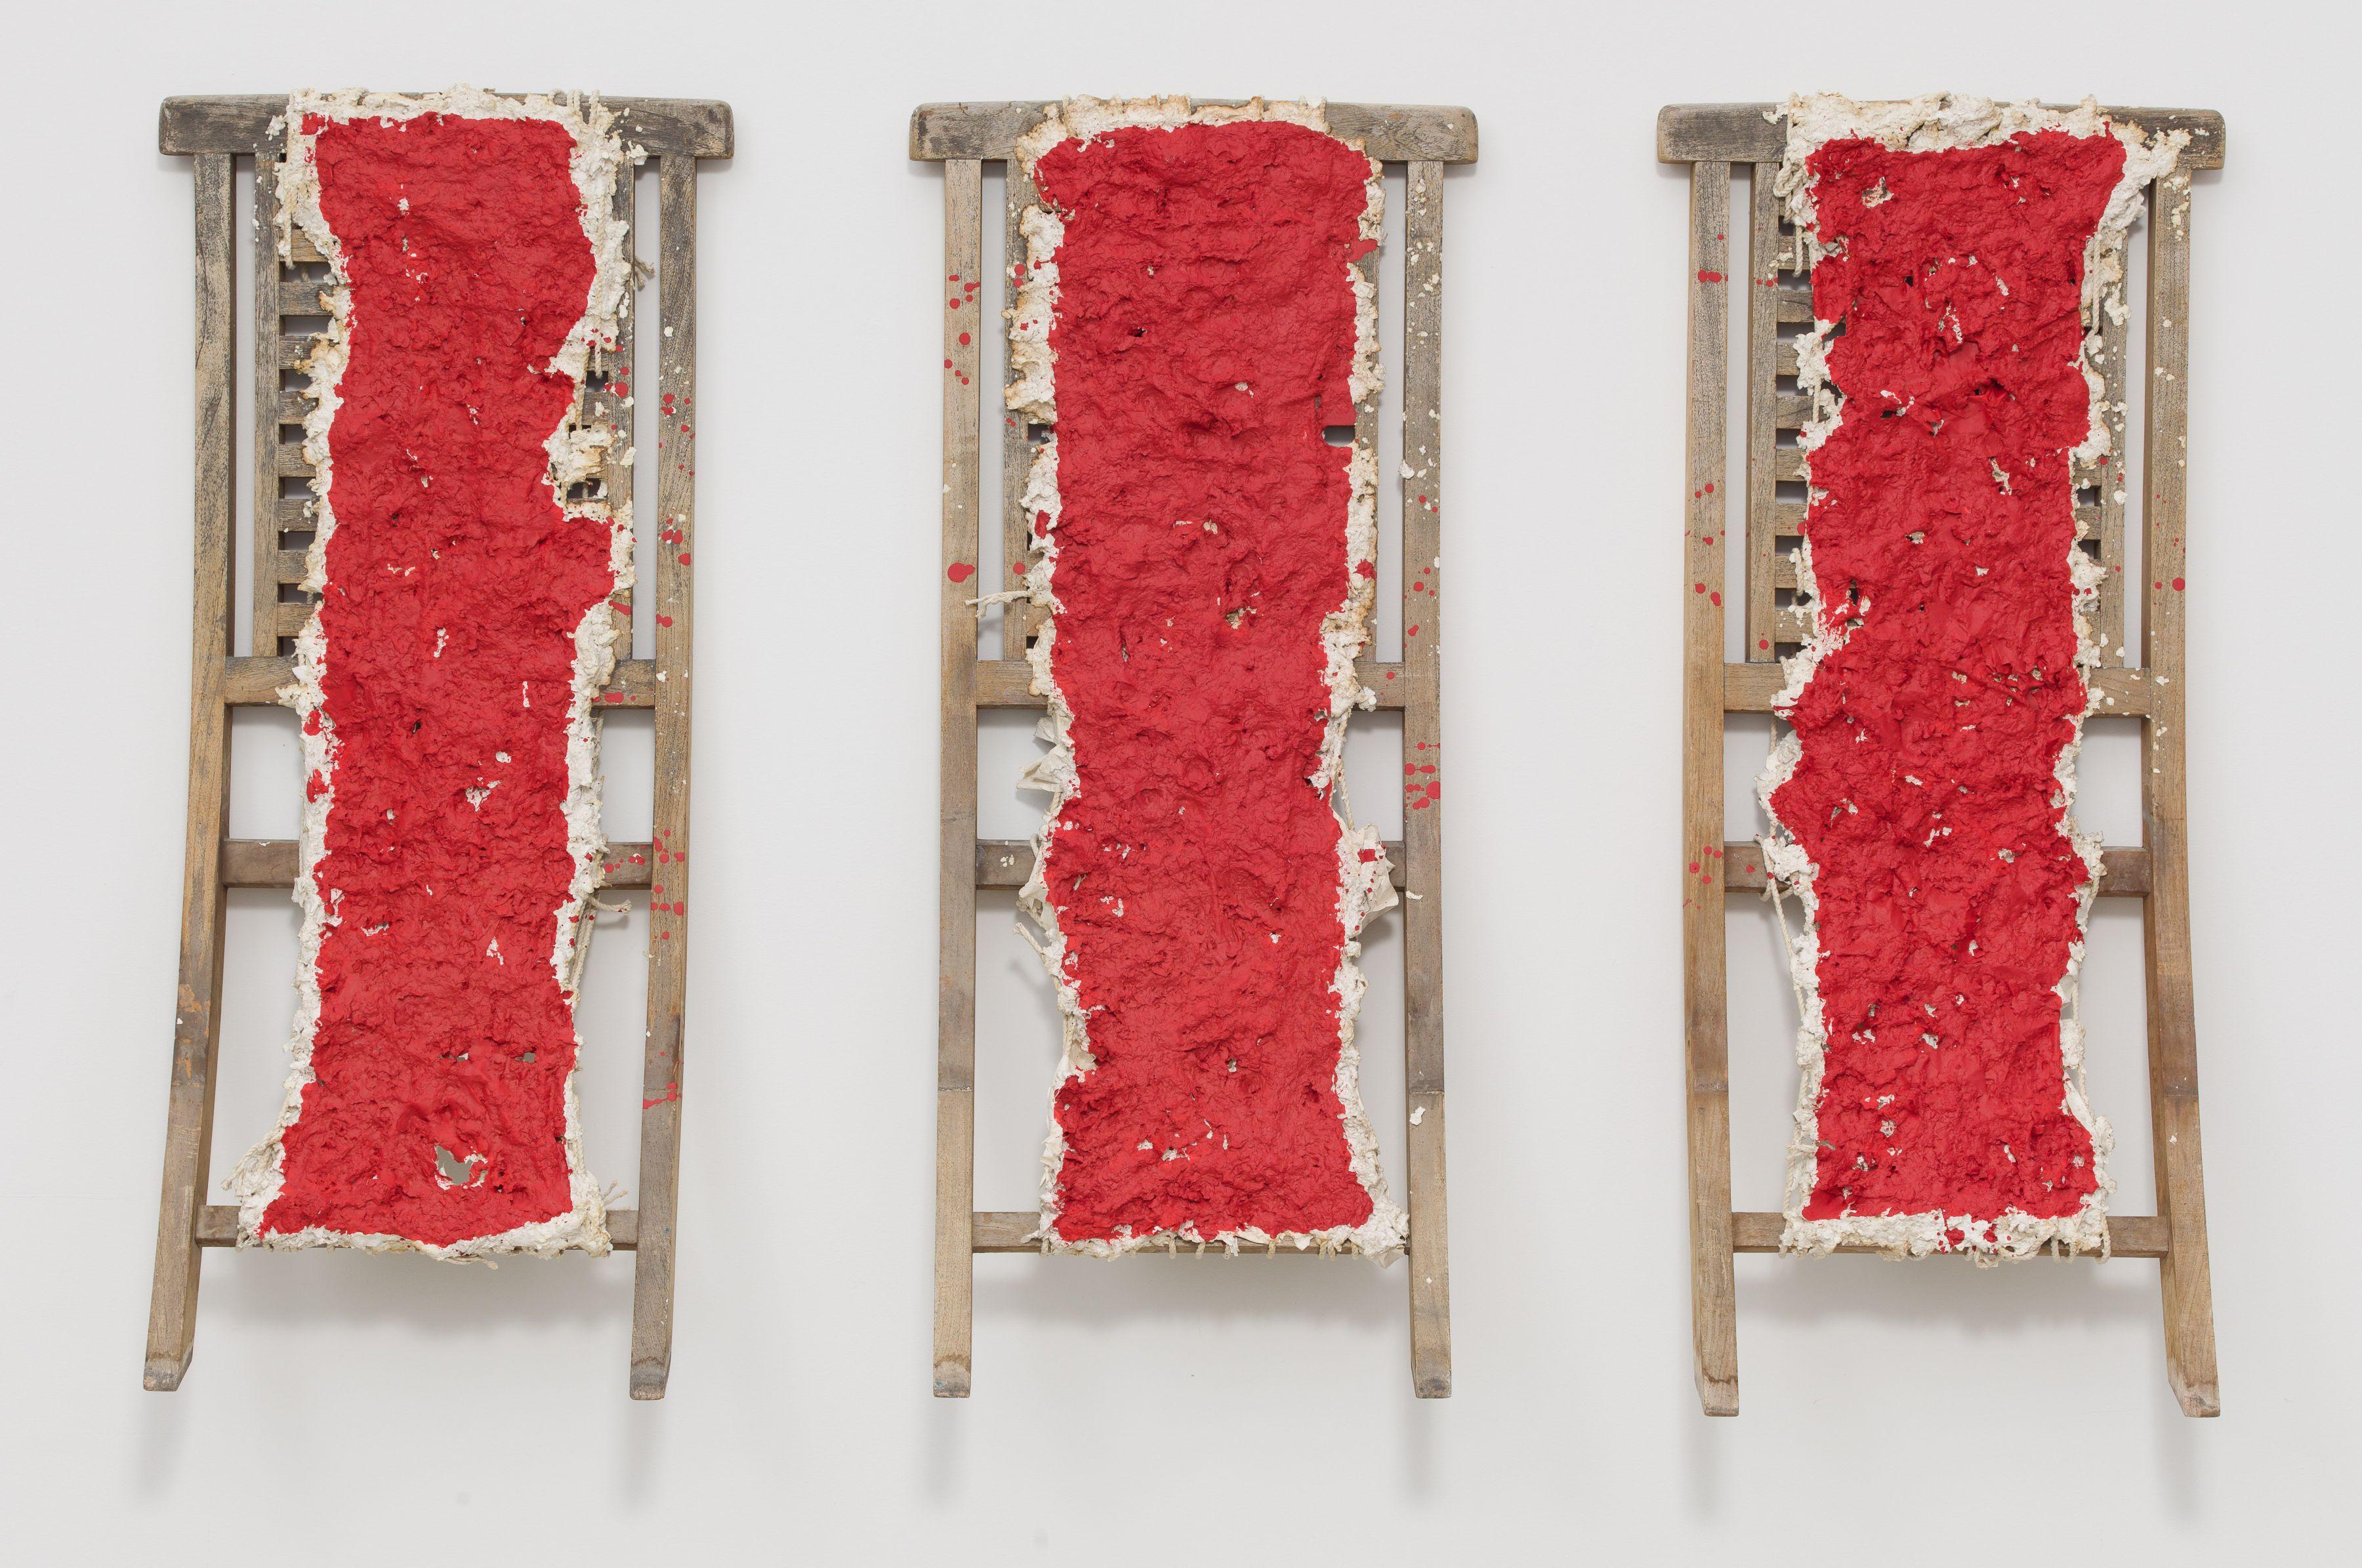 Cadmium Red, 2014, Mixed media